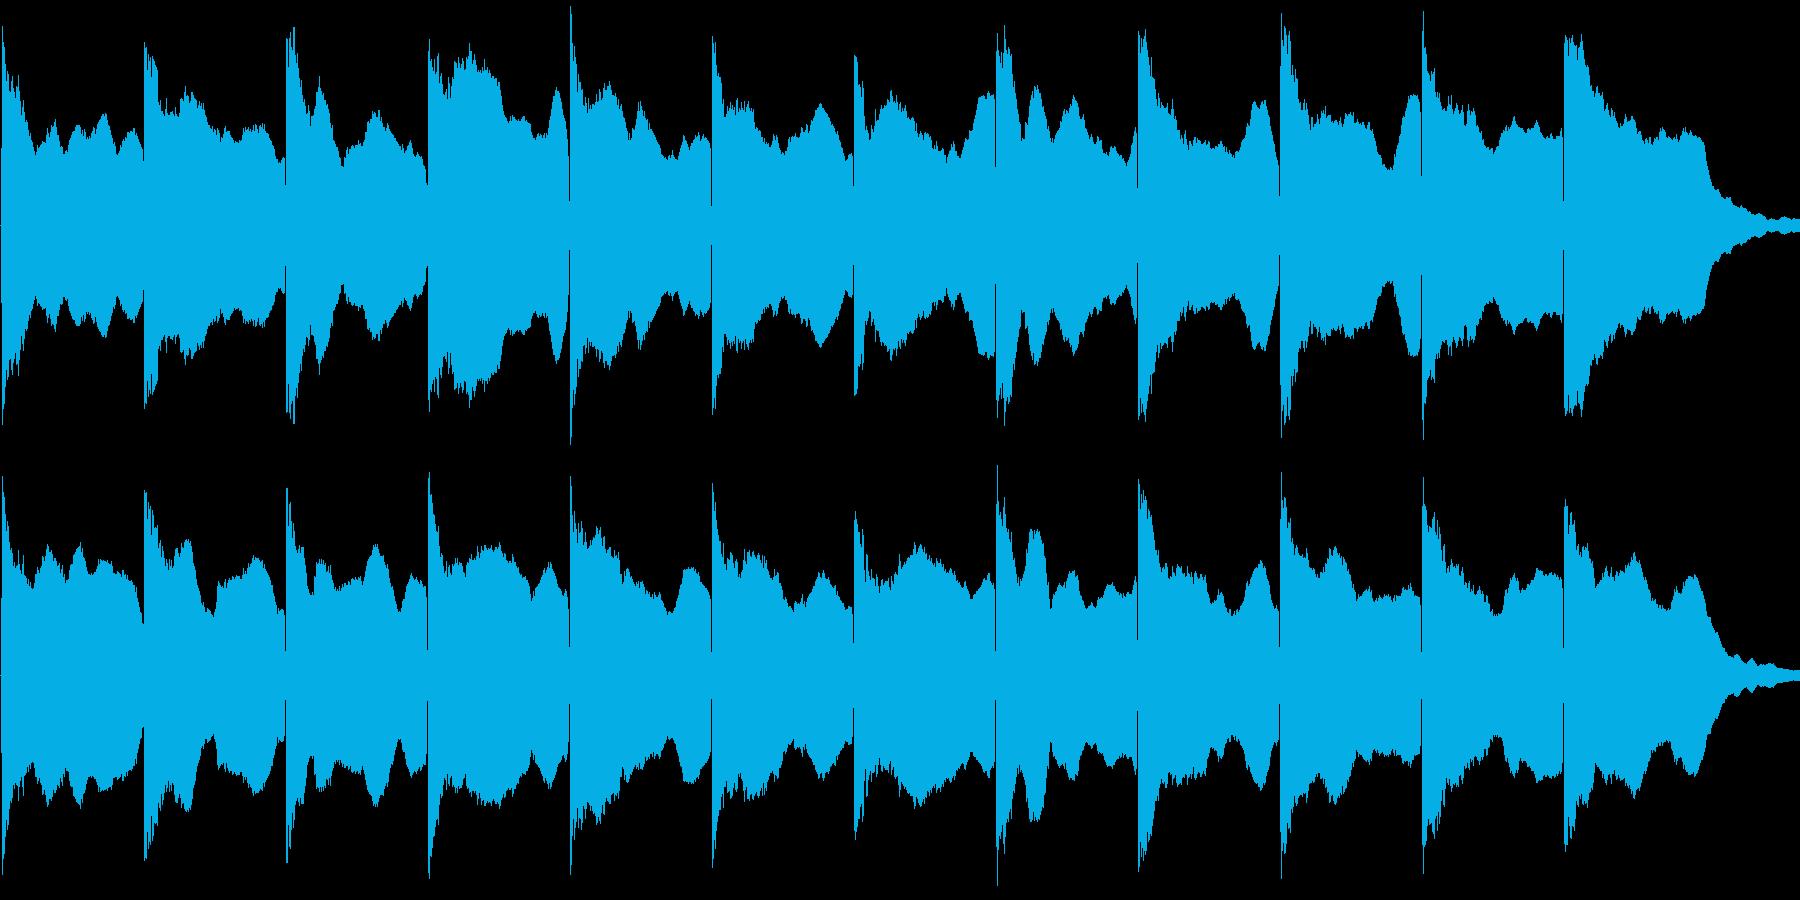 カンカン音 サイレン 警笛 踏切音の再生済みの波形